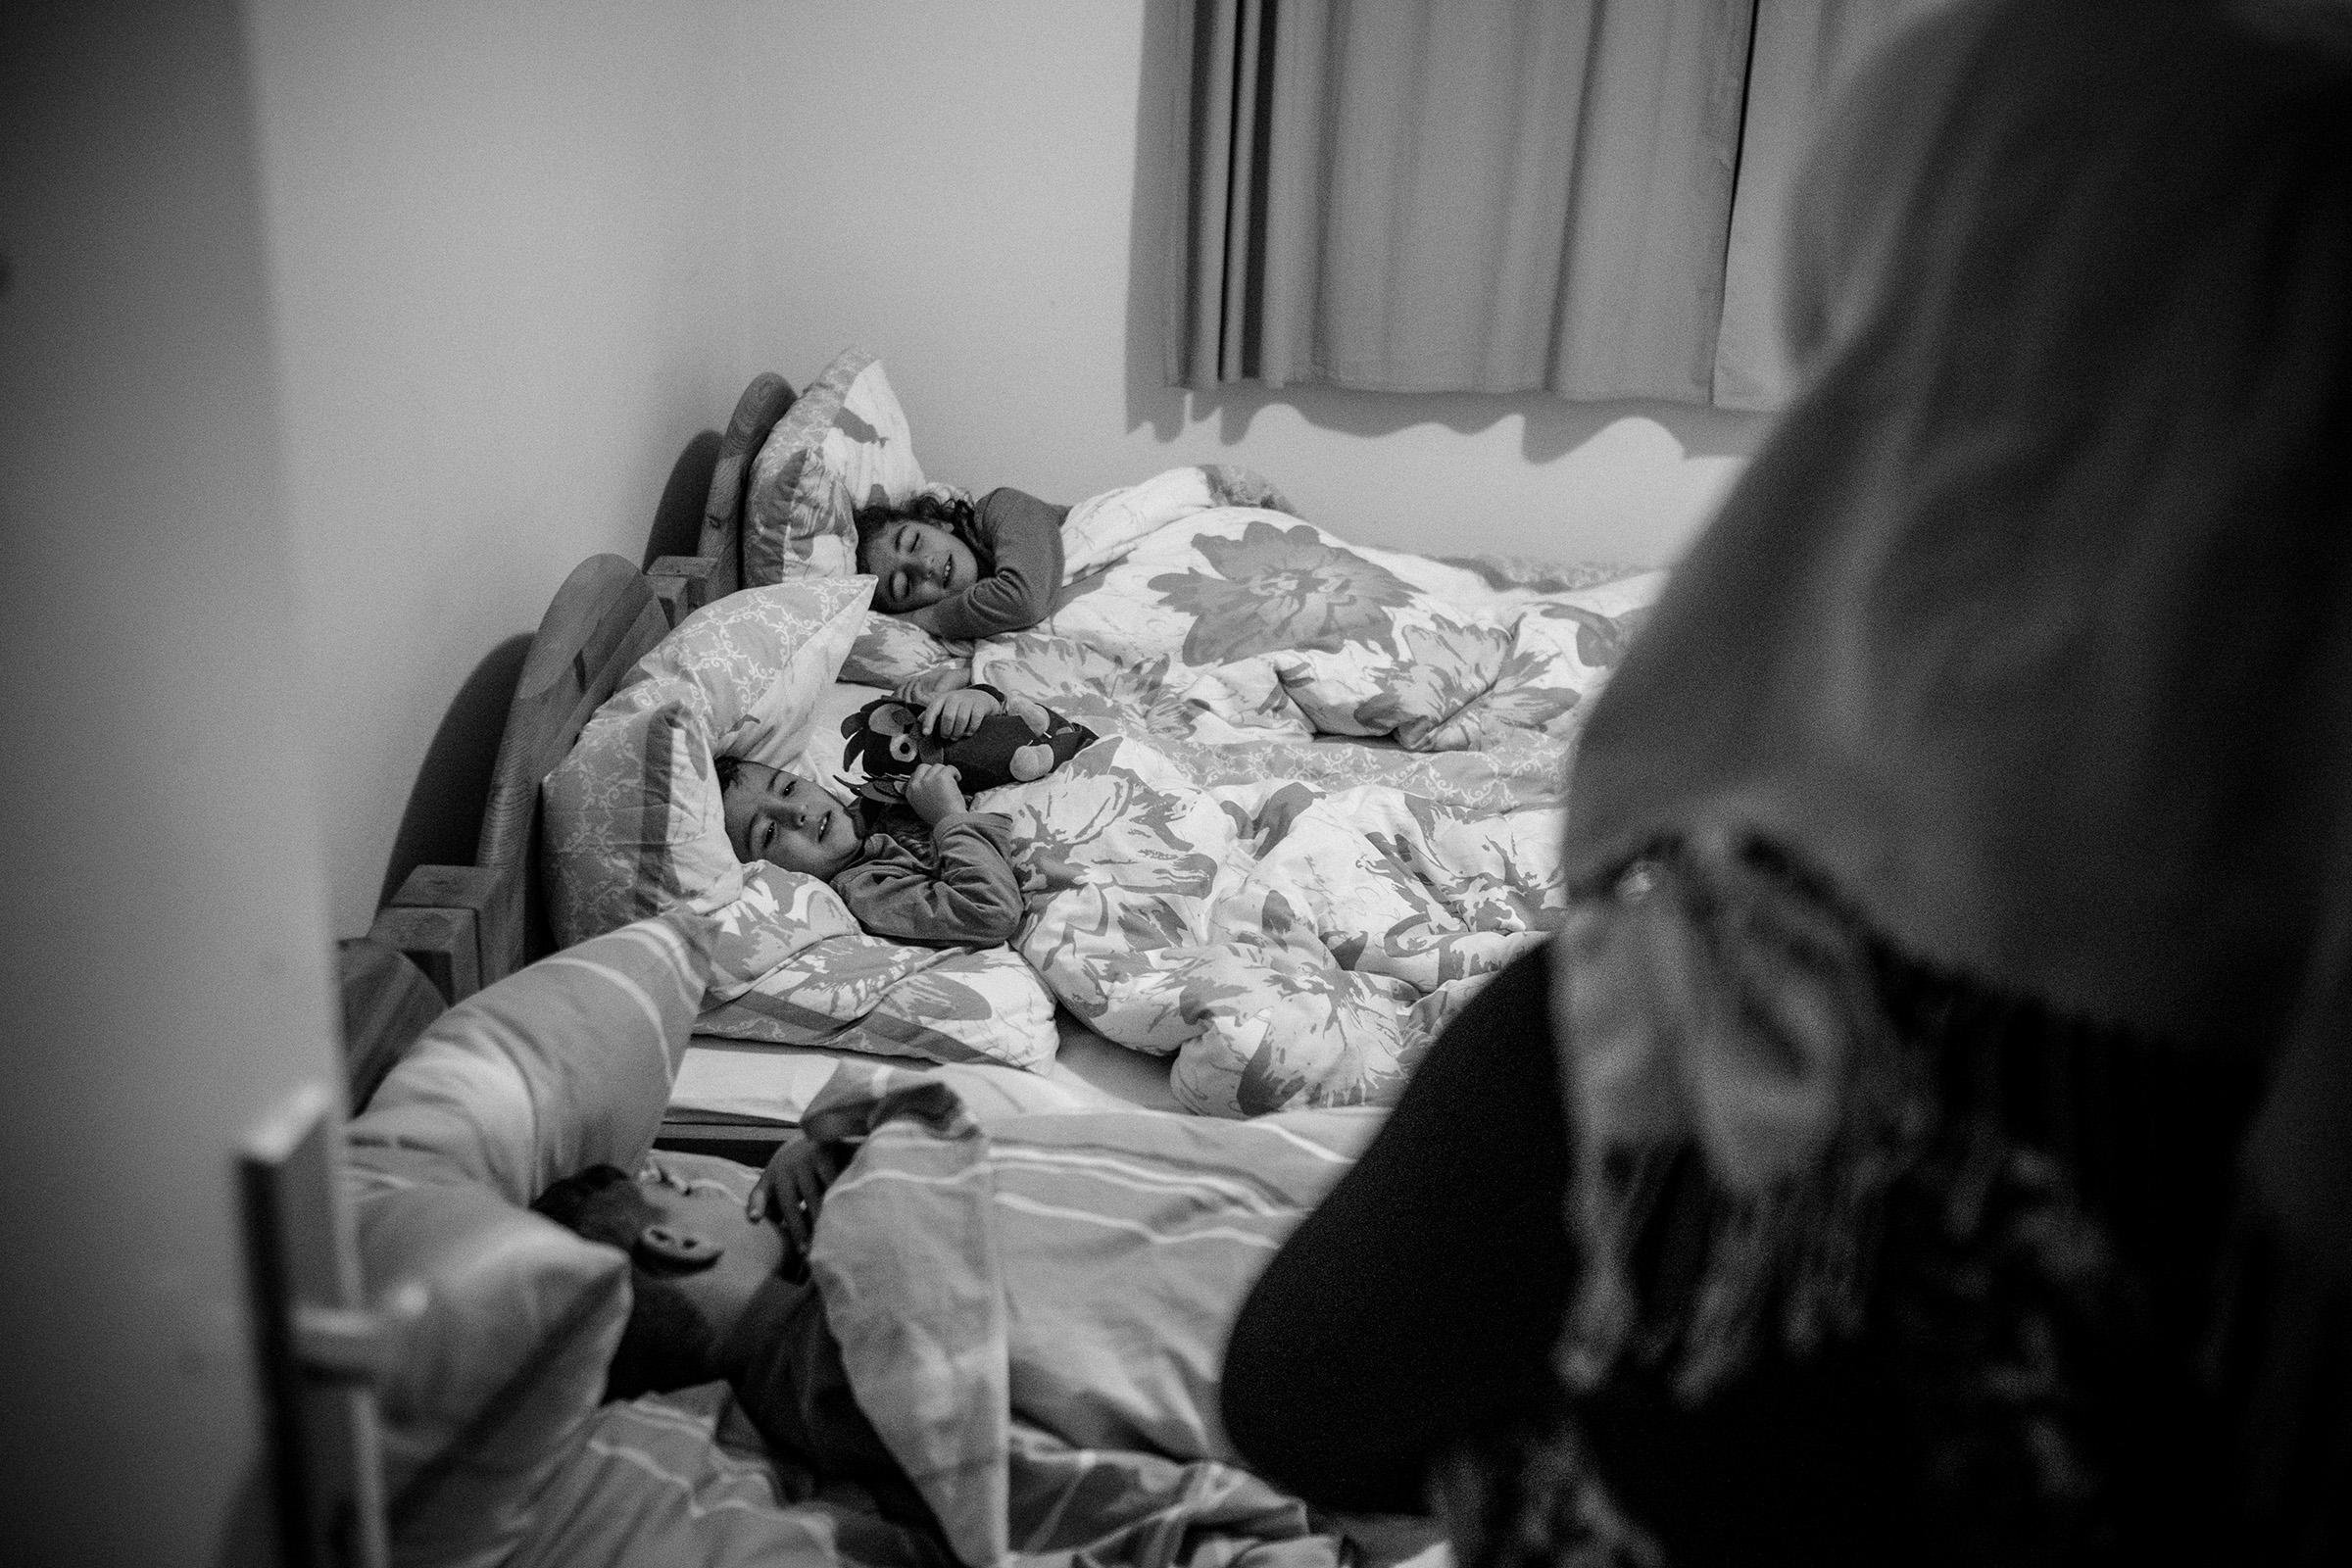 fluechtlinge-syrien-berlin-asyl-integration-bett